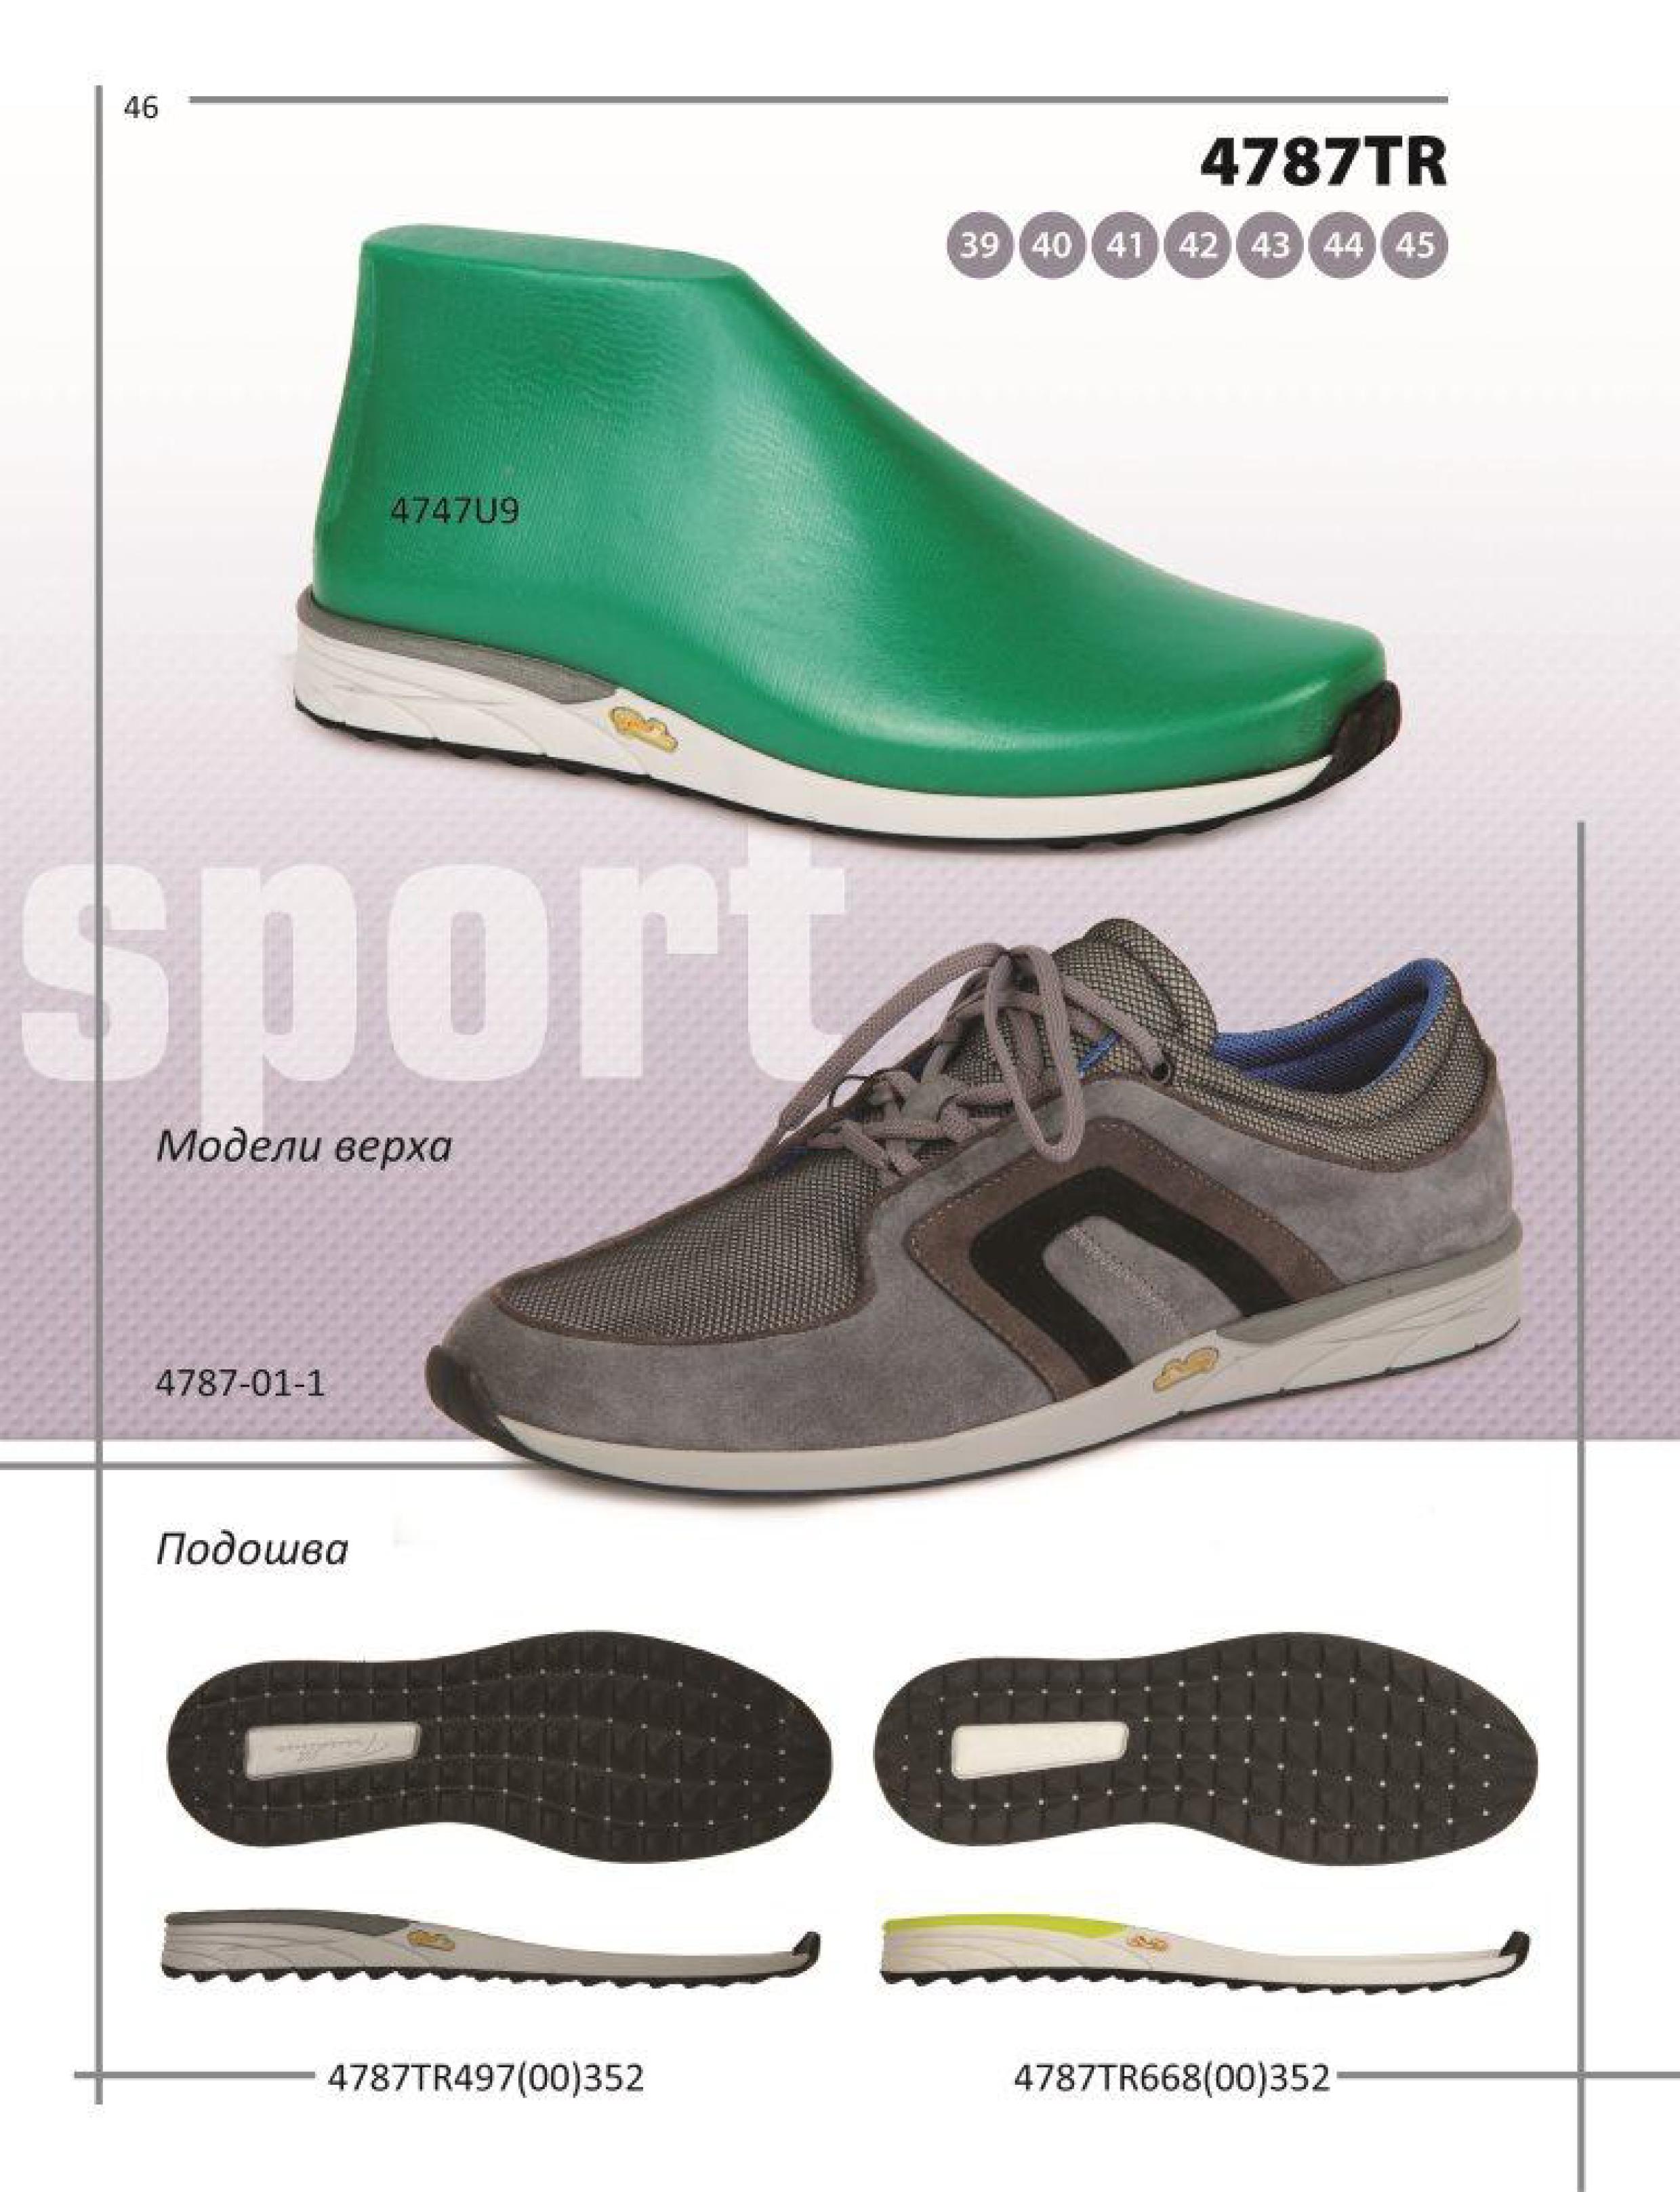 подошва для мужской обуви в москве